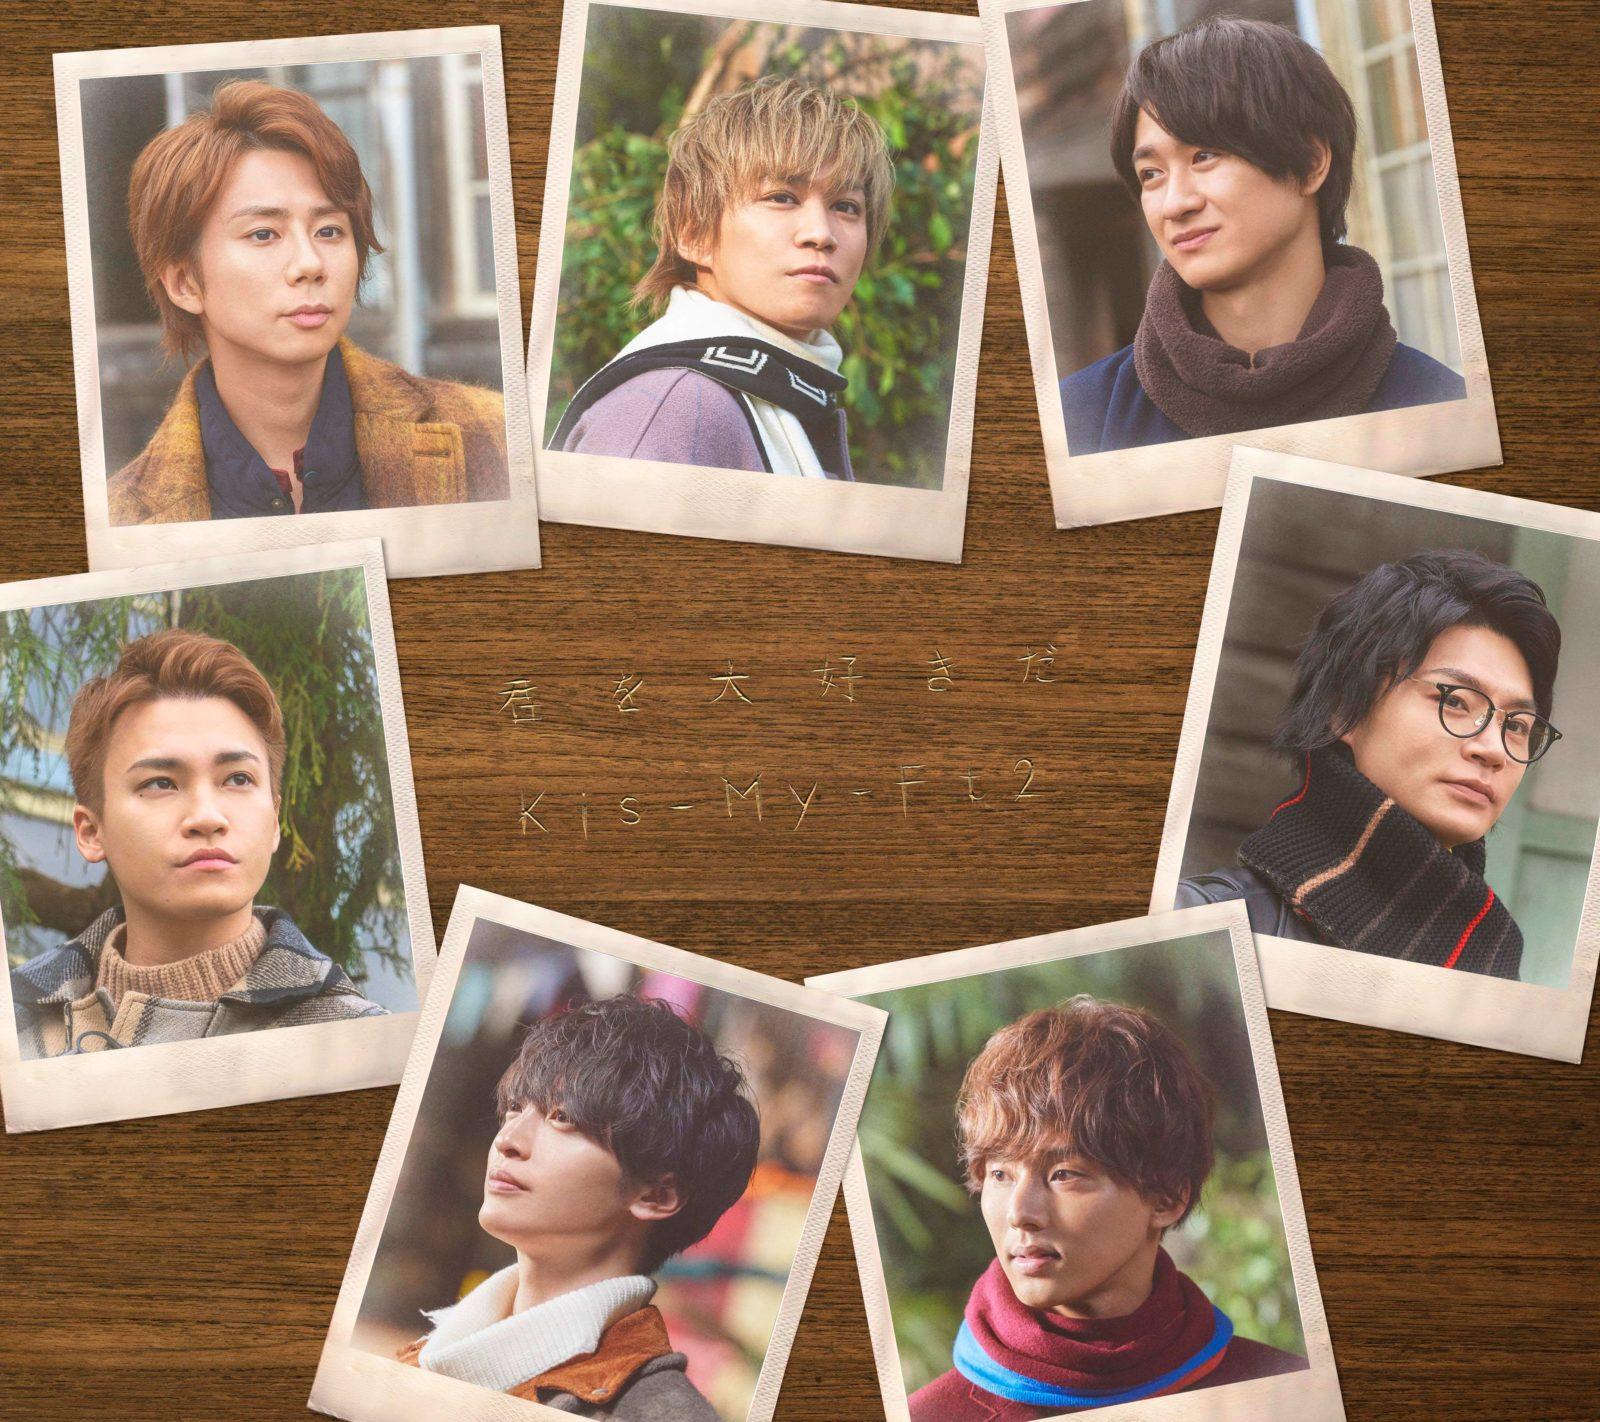 キスマイ最新MVは、初となる全編ドラマ仕立てのストーリー作品!愛と絆の物語を描写サムネイル画像